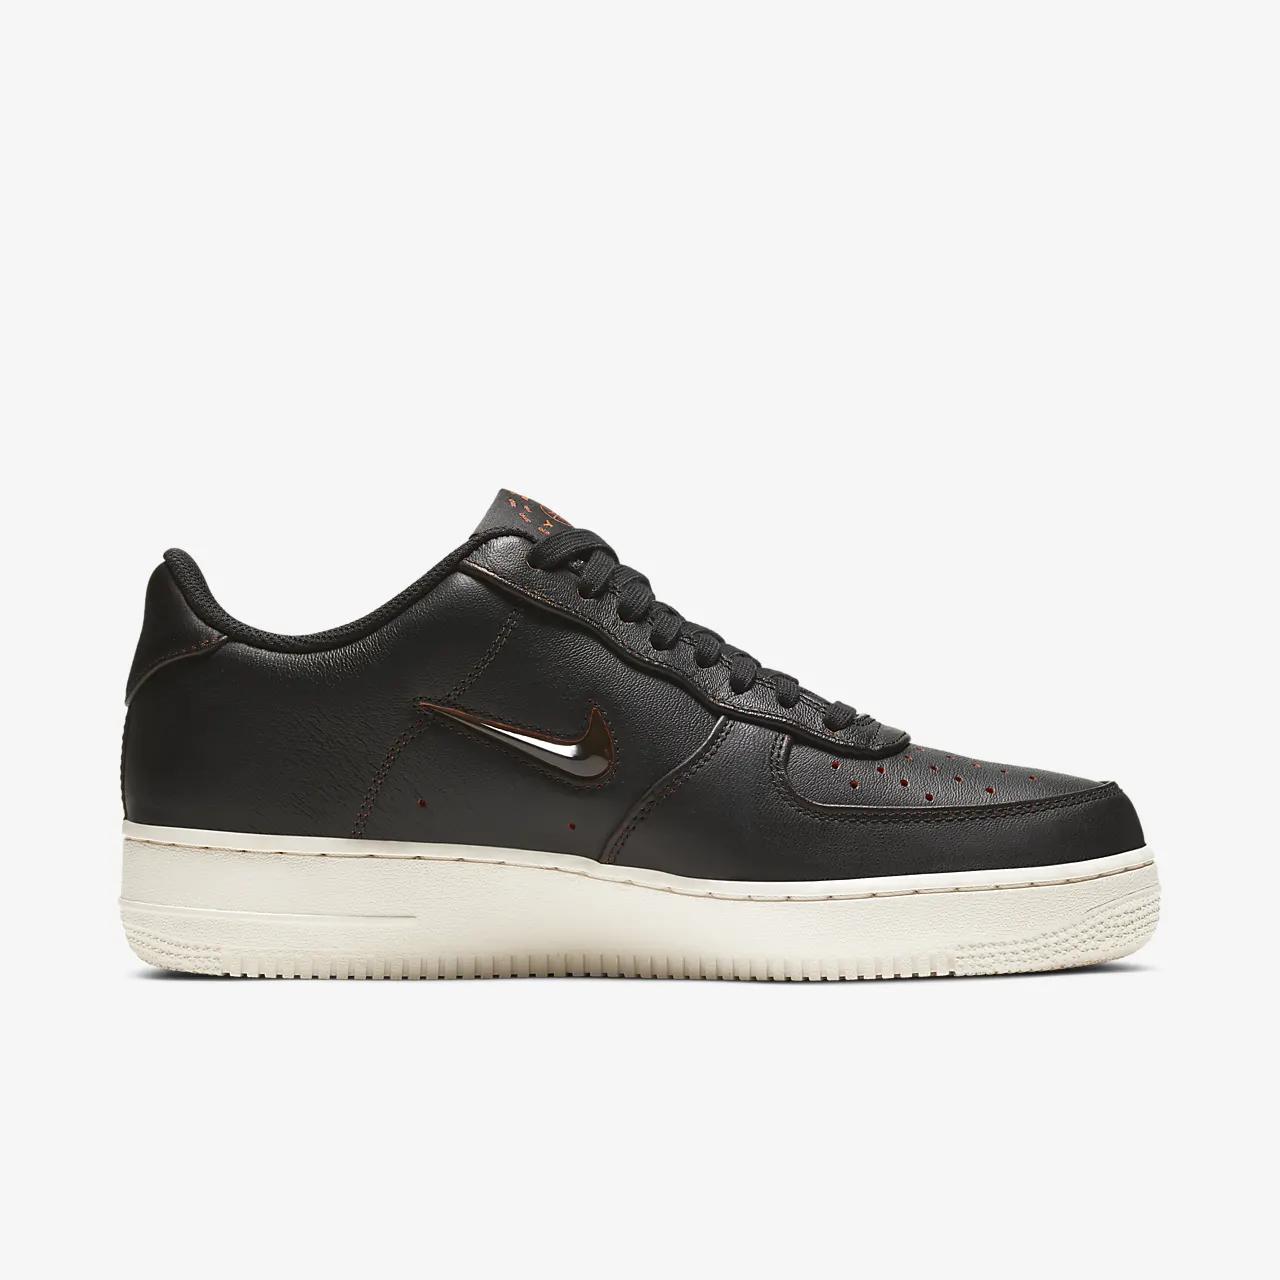 Nike Air Force 1 '07 Premium Men's Shoe CK4392-001